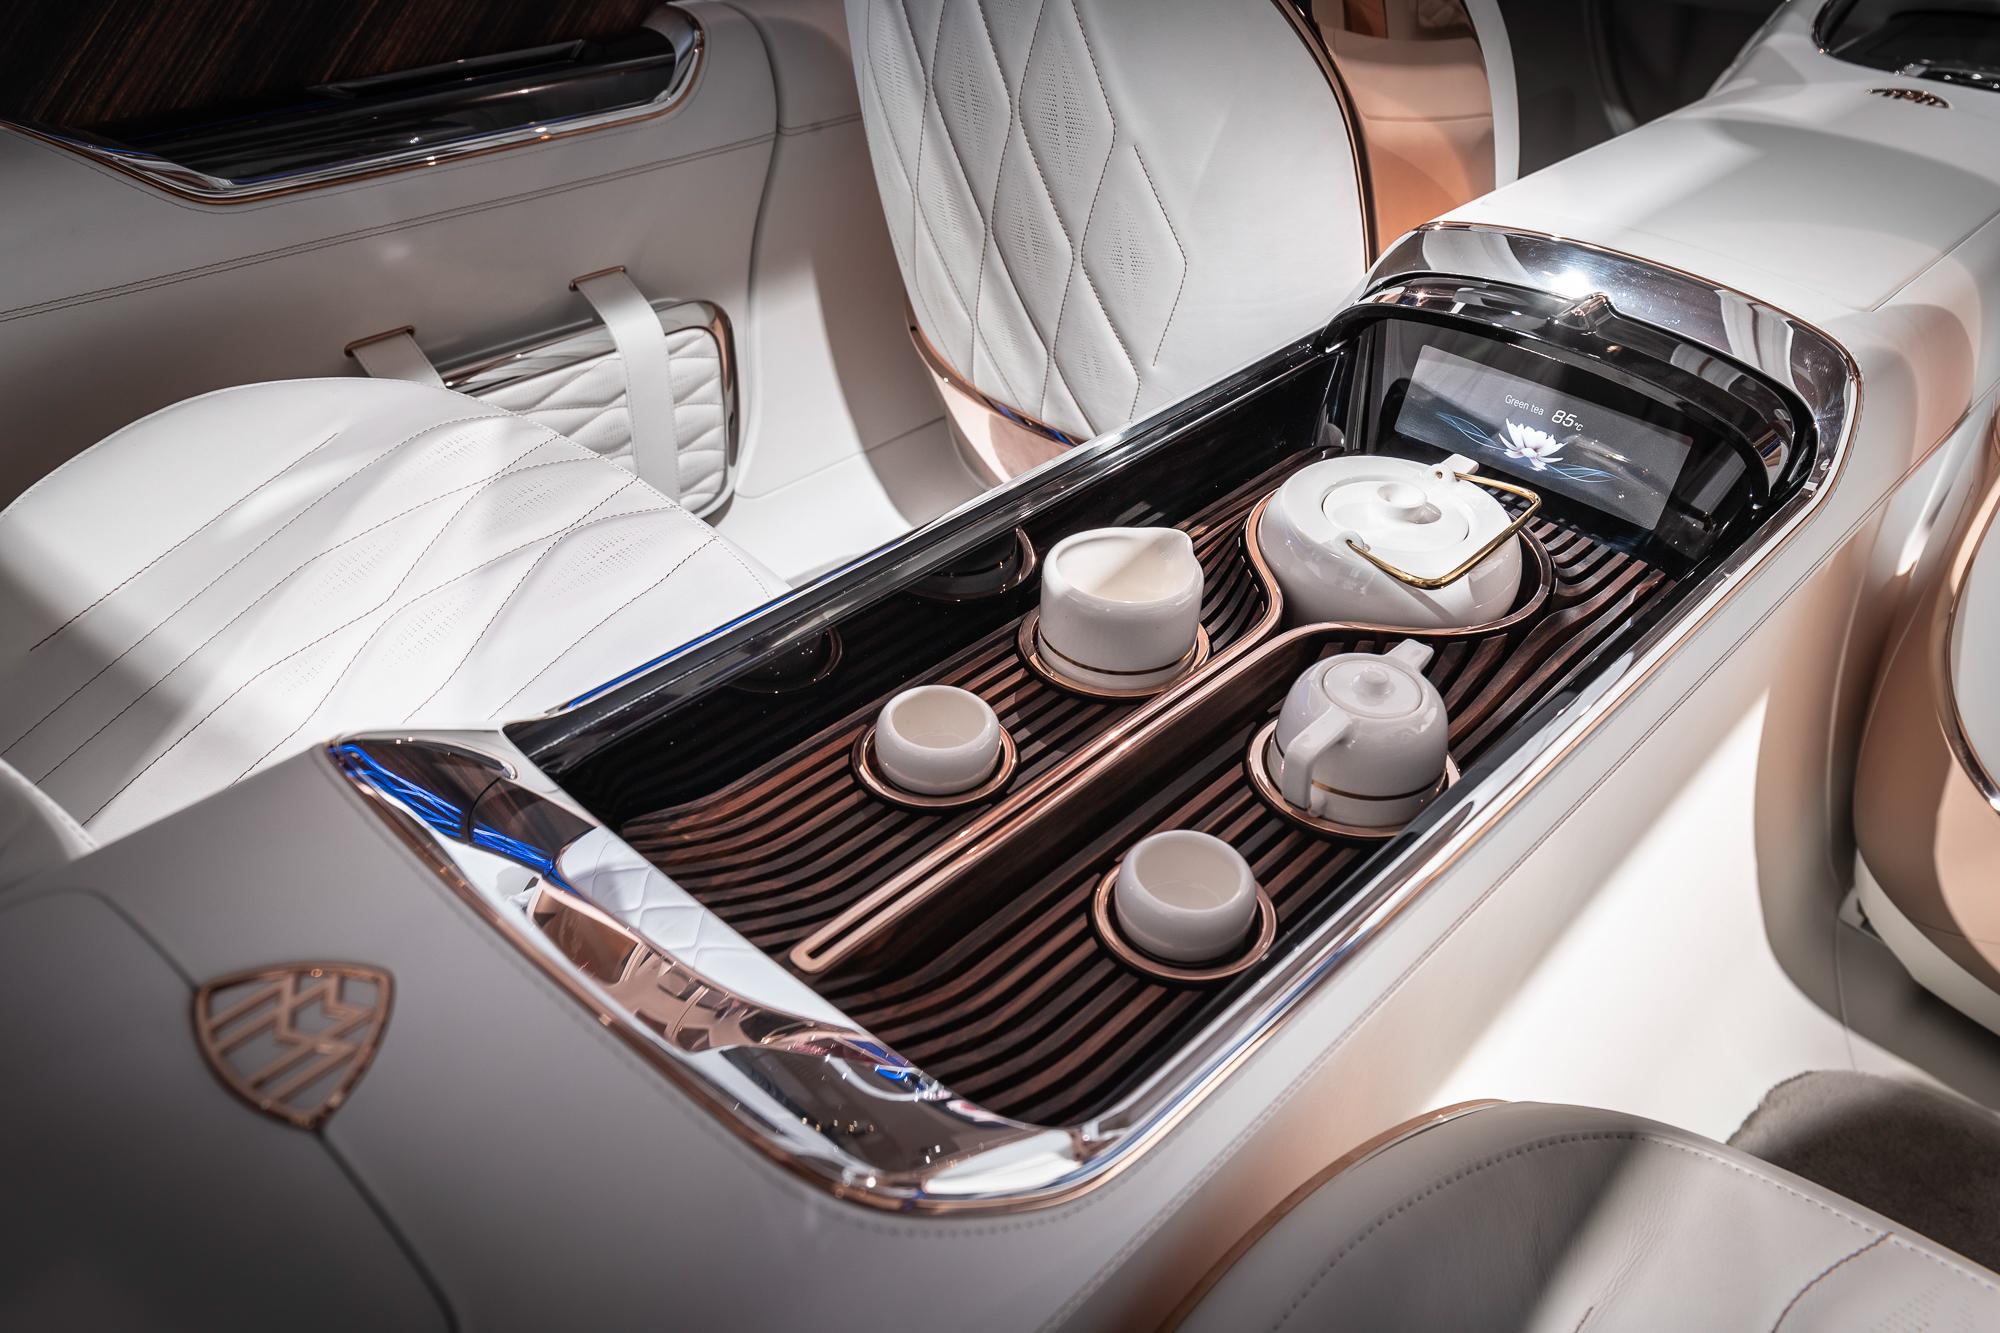 mercedes-maybach ultimate luxury - maybach suv?